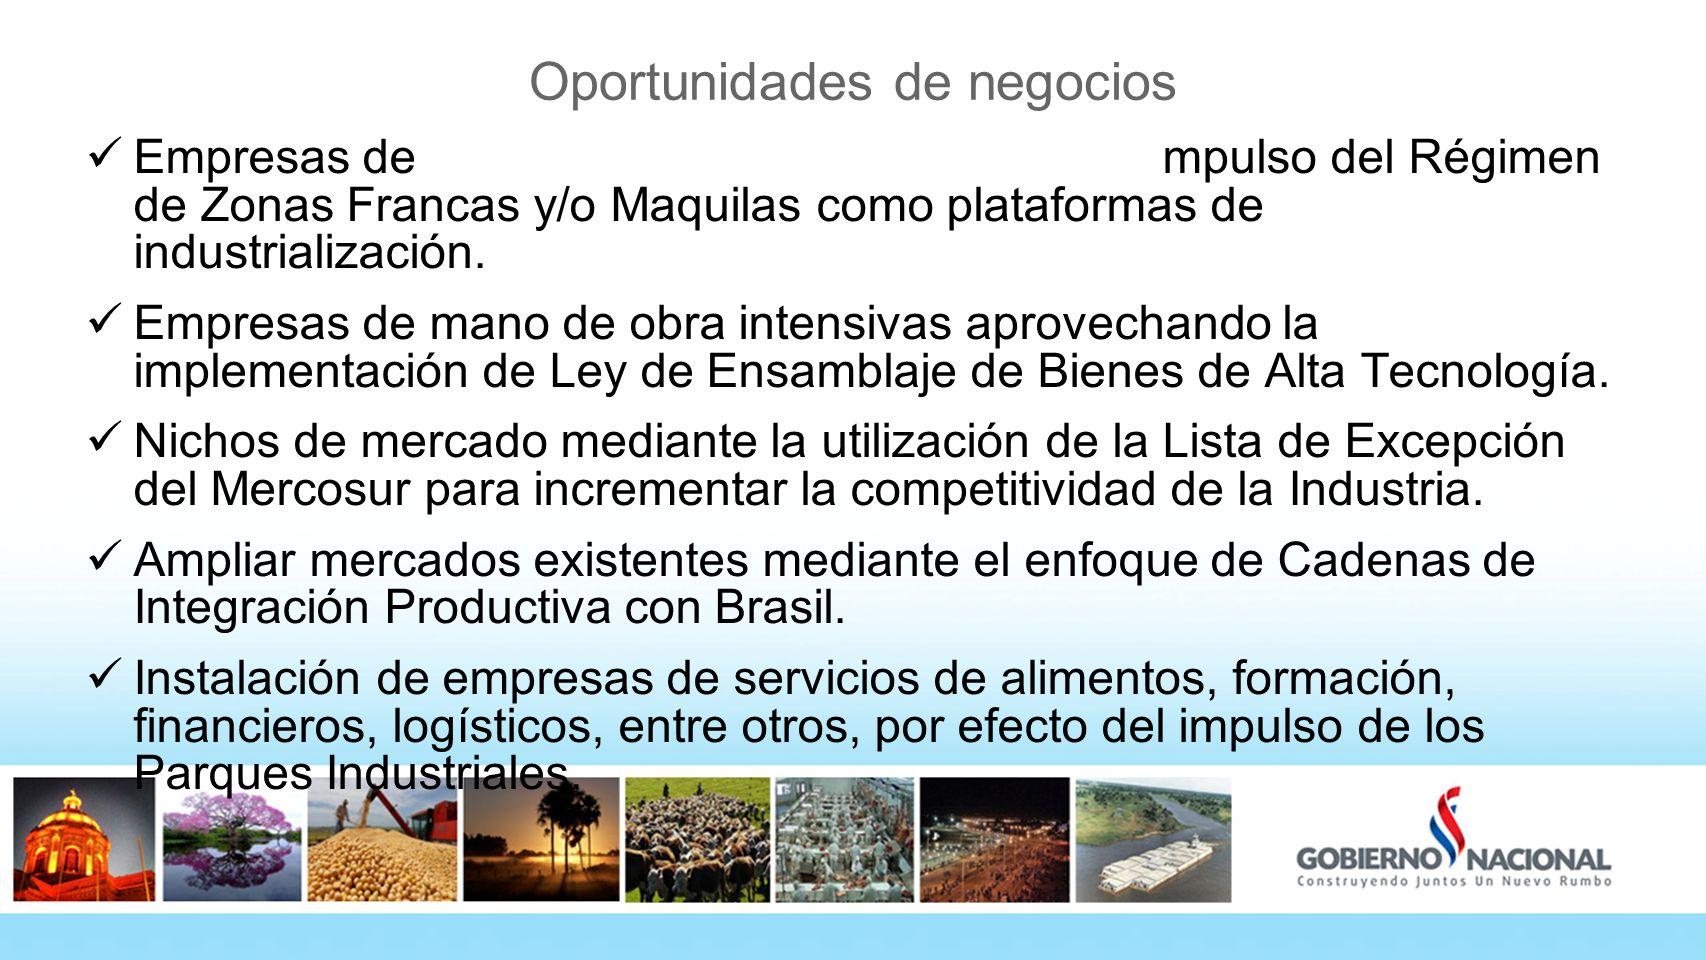 Oportunidades de negocios Empresas de capital intensivo aprovechando el impulso del Régimen de Zonas Francas y/o Maquilas como plataformas de industri